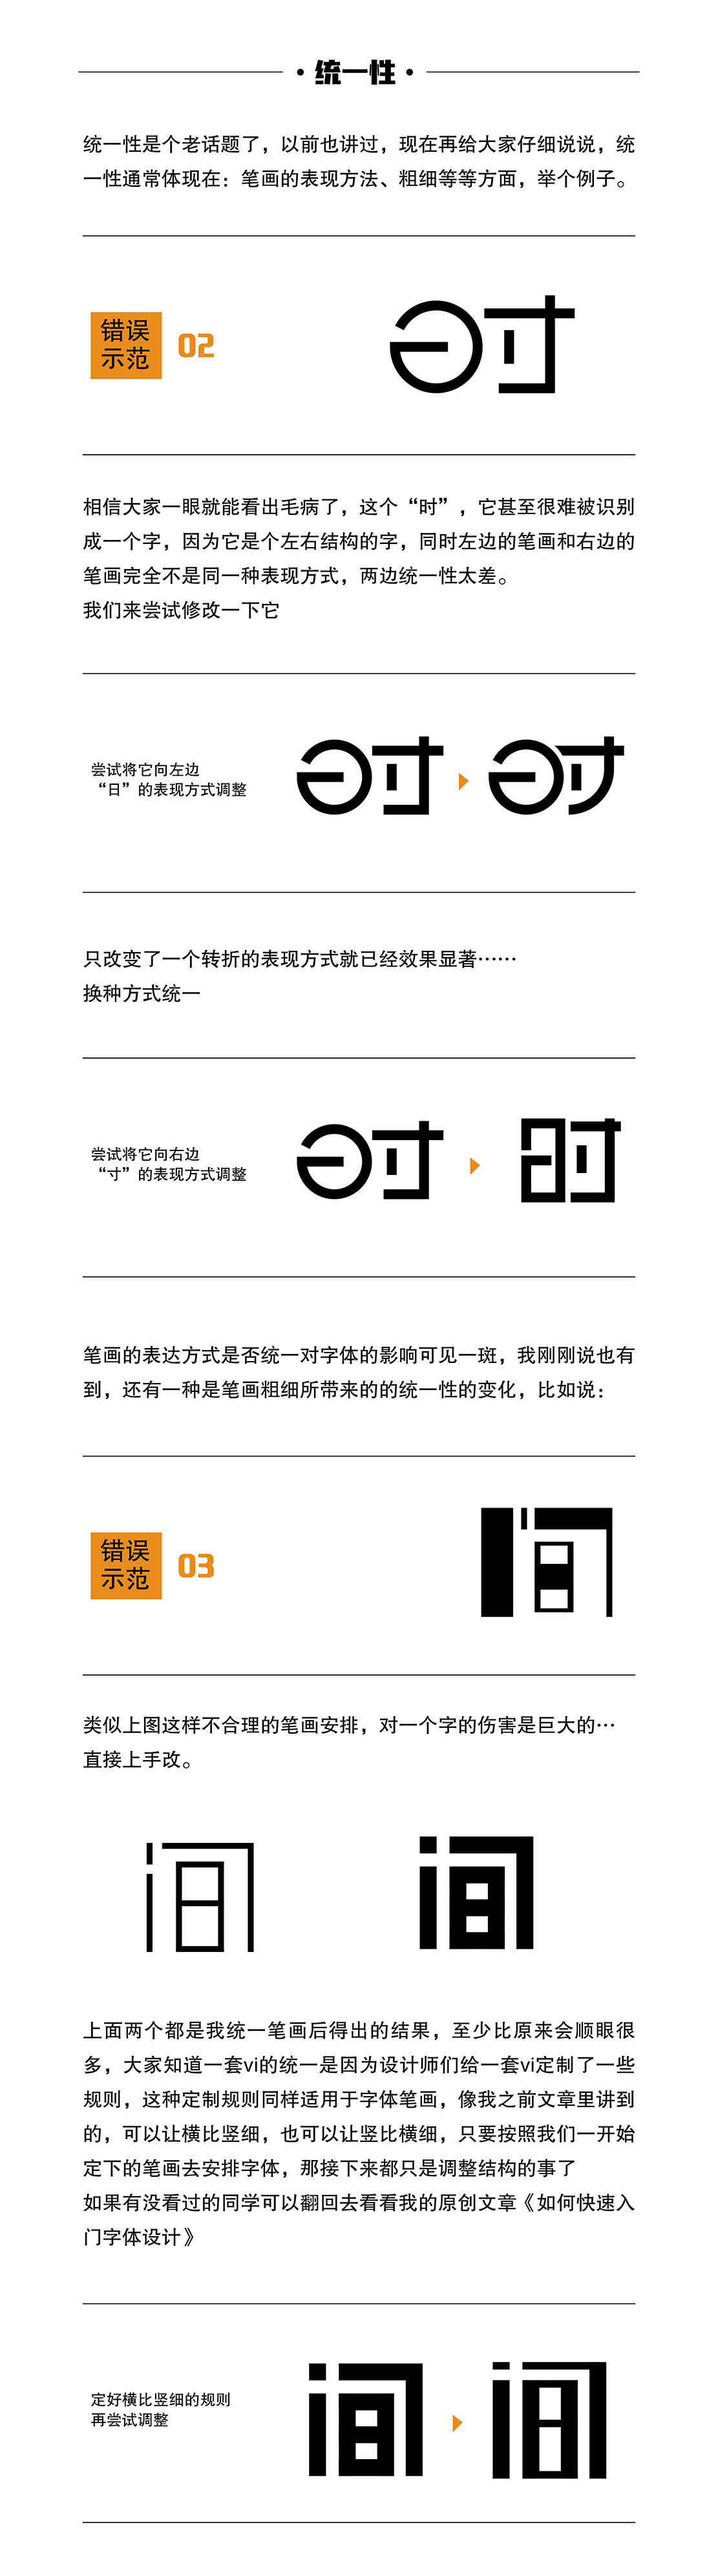 如何玩转字体-字体设计进阶02 飞特网 设计理论